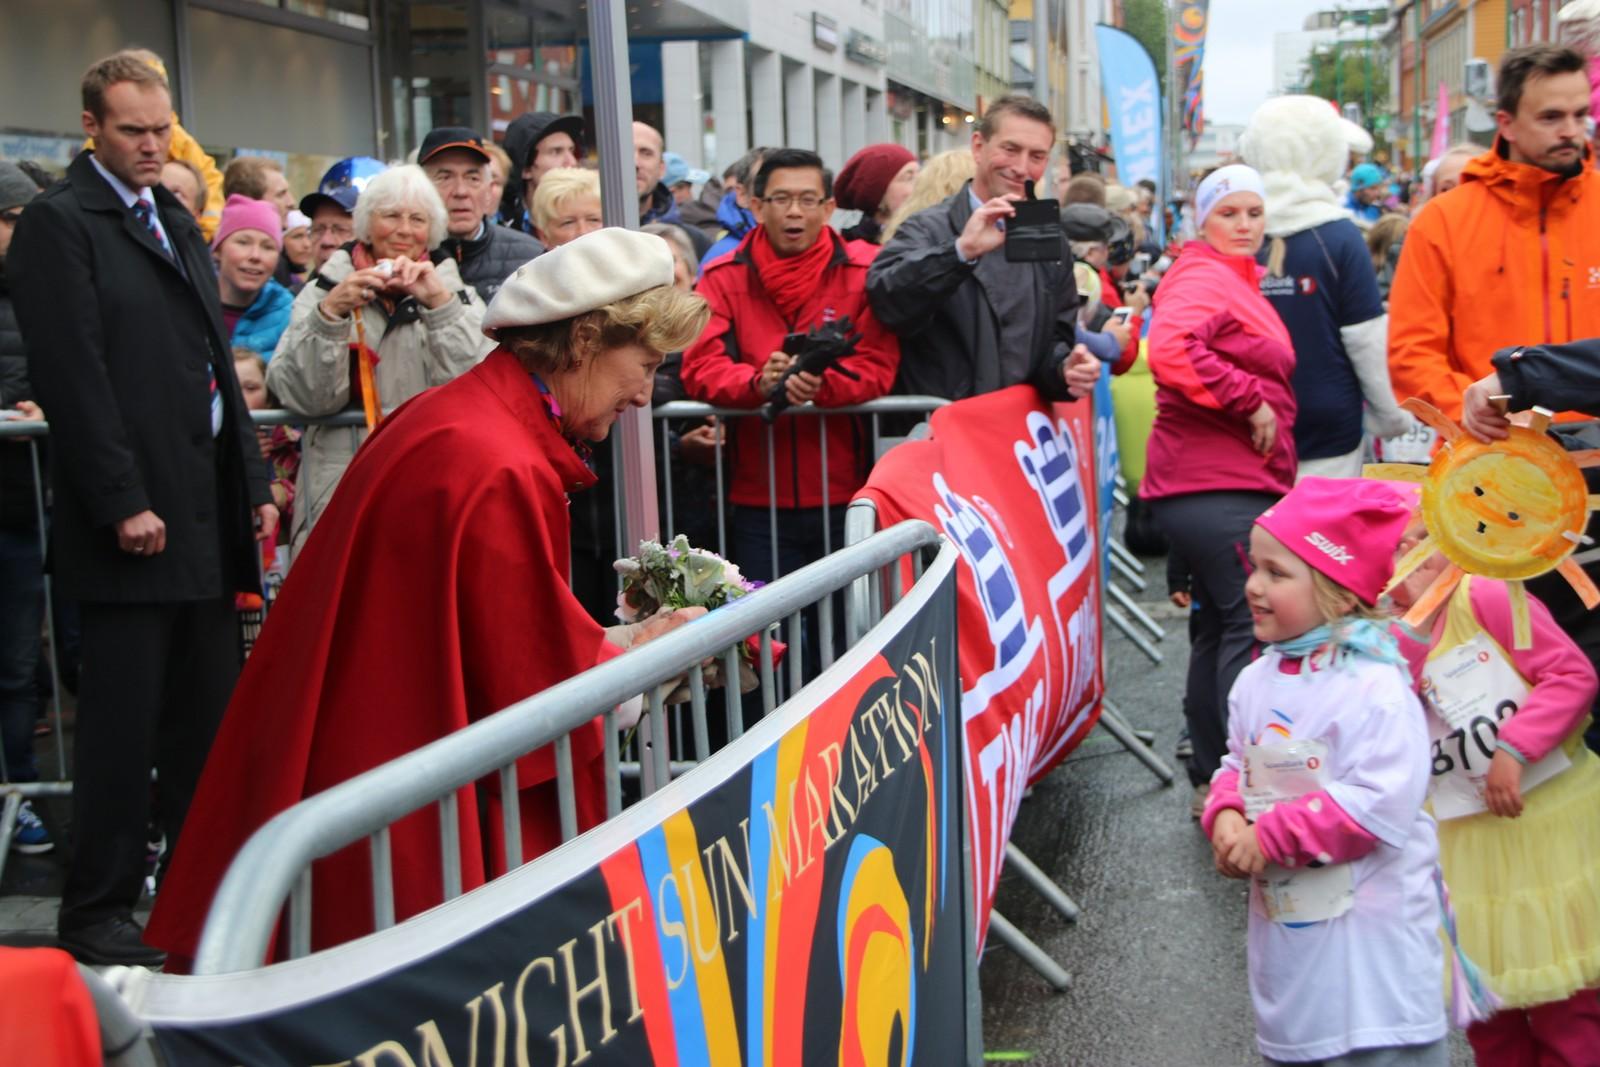 Mange av barna fikk nærkontakt med kongeparet, som sto på sidelinjen og heiet fram de unge løperne. Foto: Ida Louise Rostad / NRK